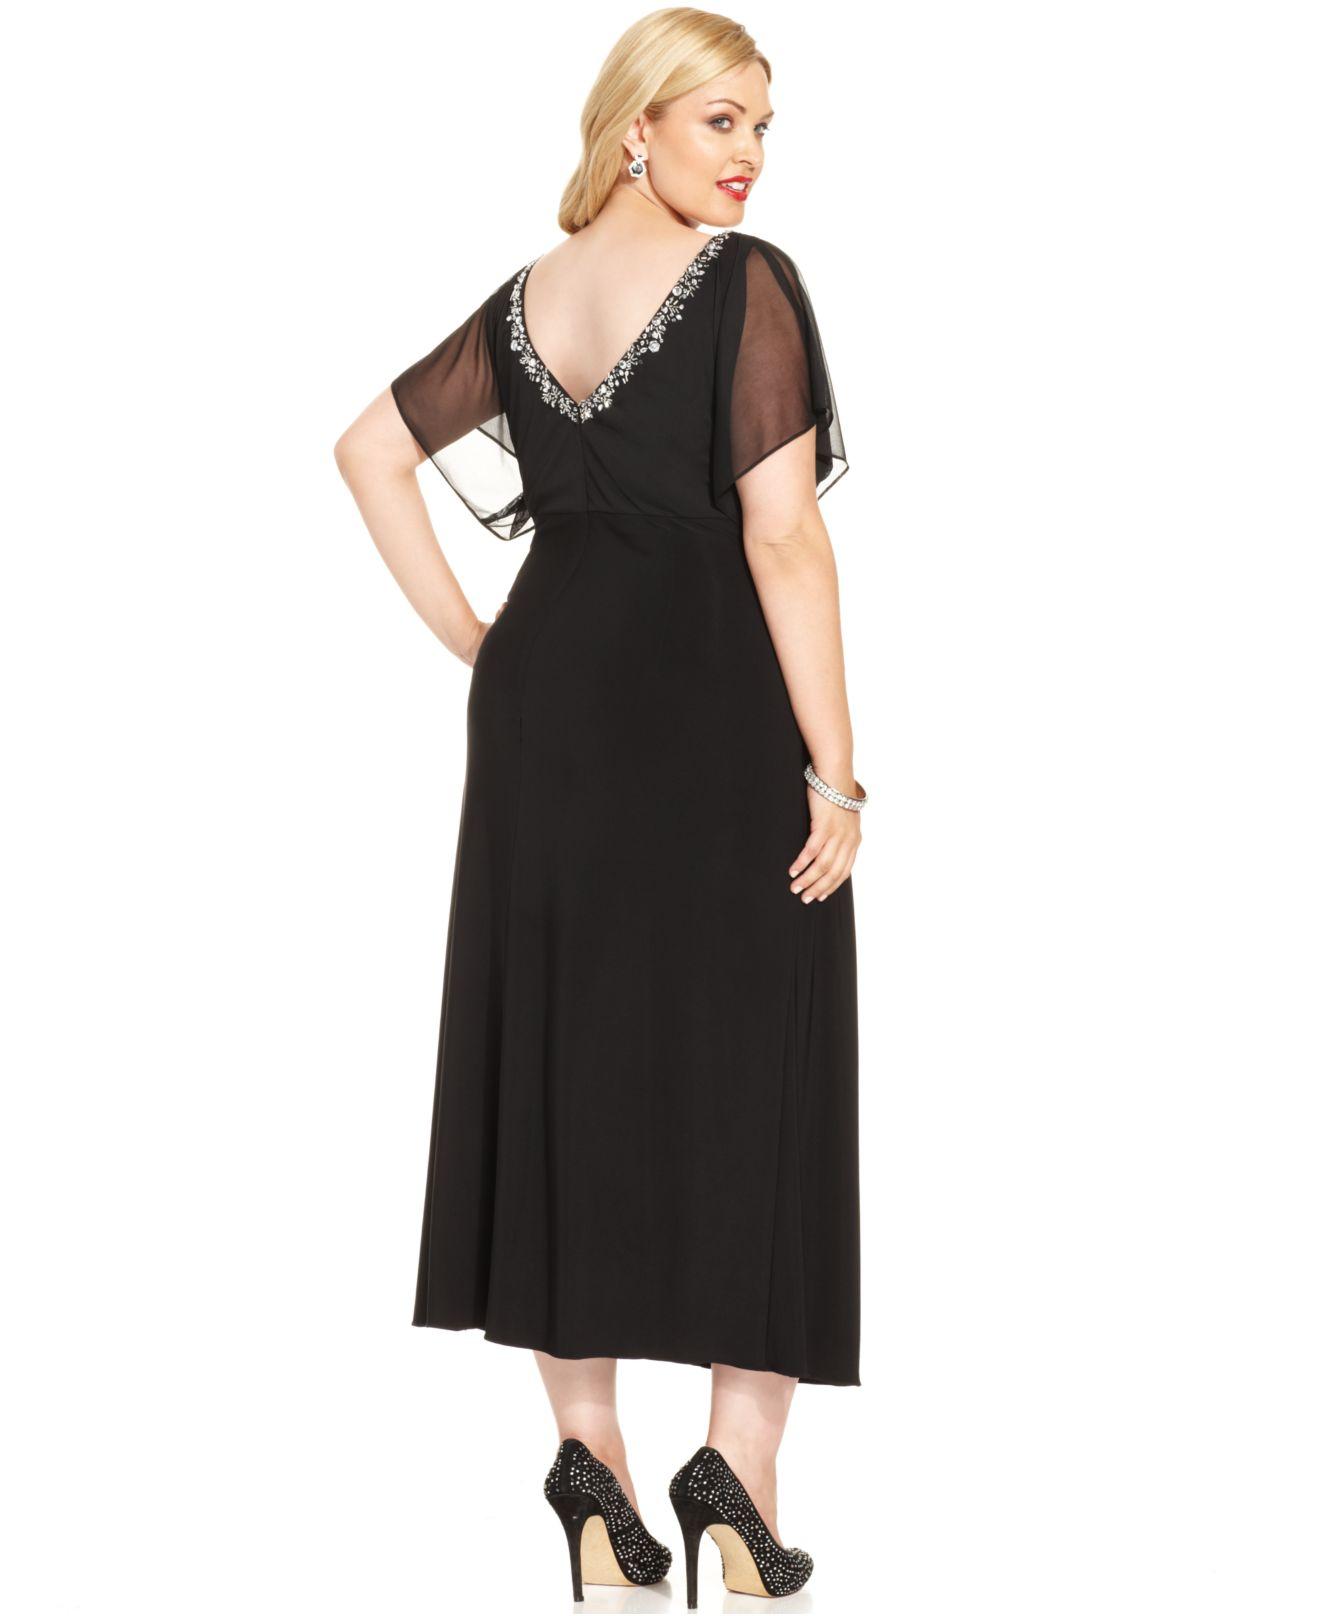 alex evenings plus size dresses - gaussianblur